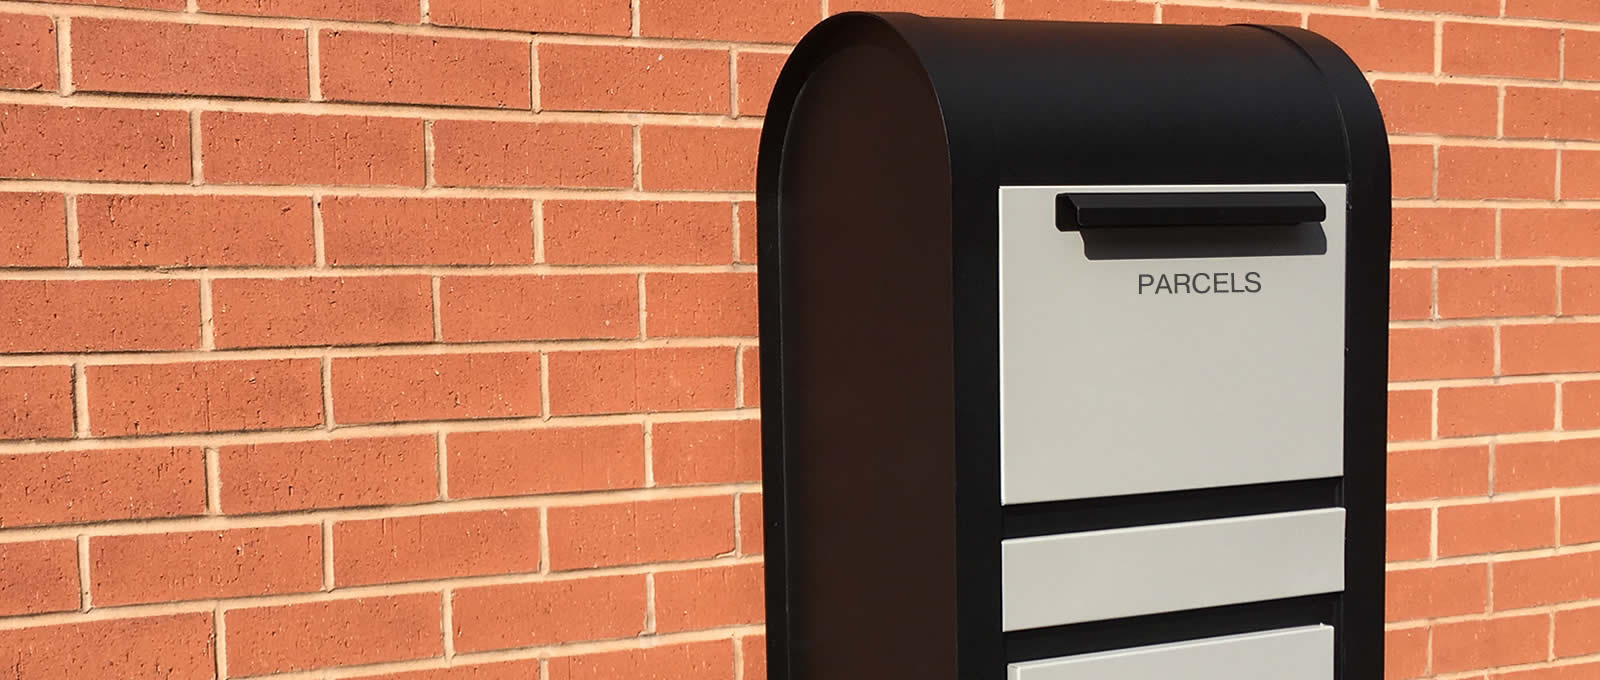 Home Parcel Box slider image